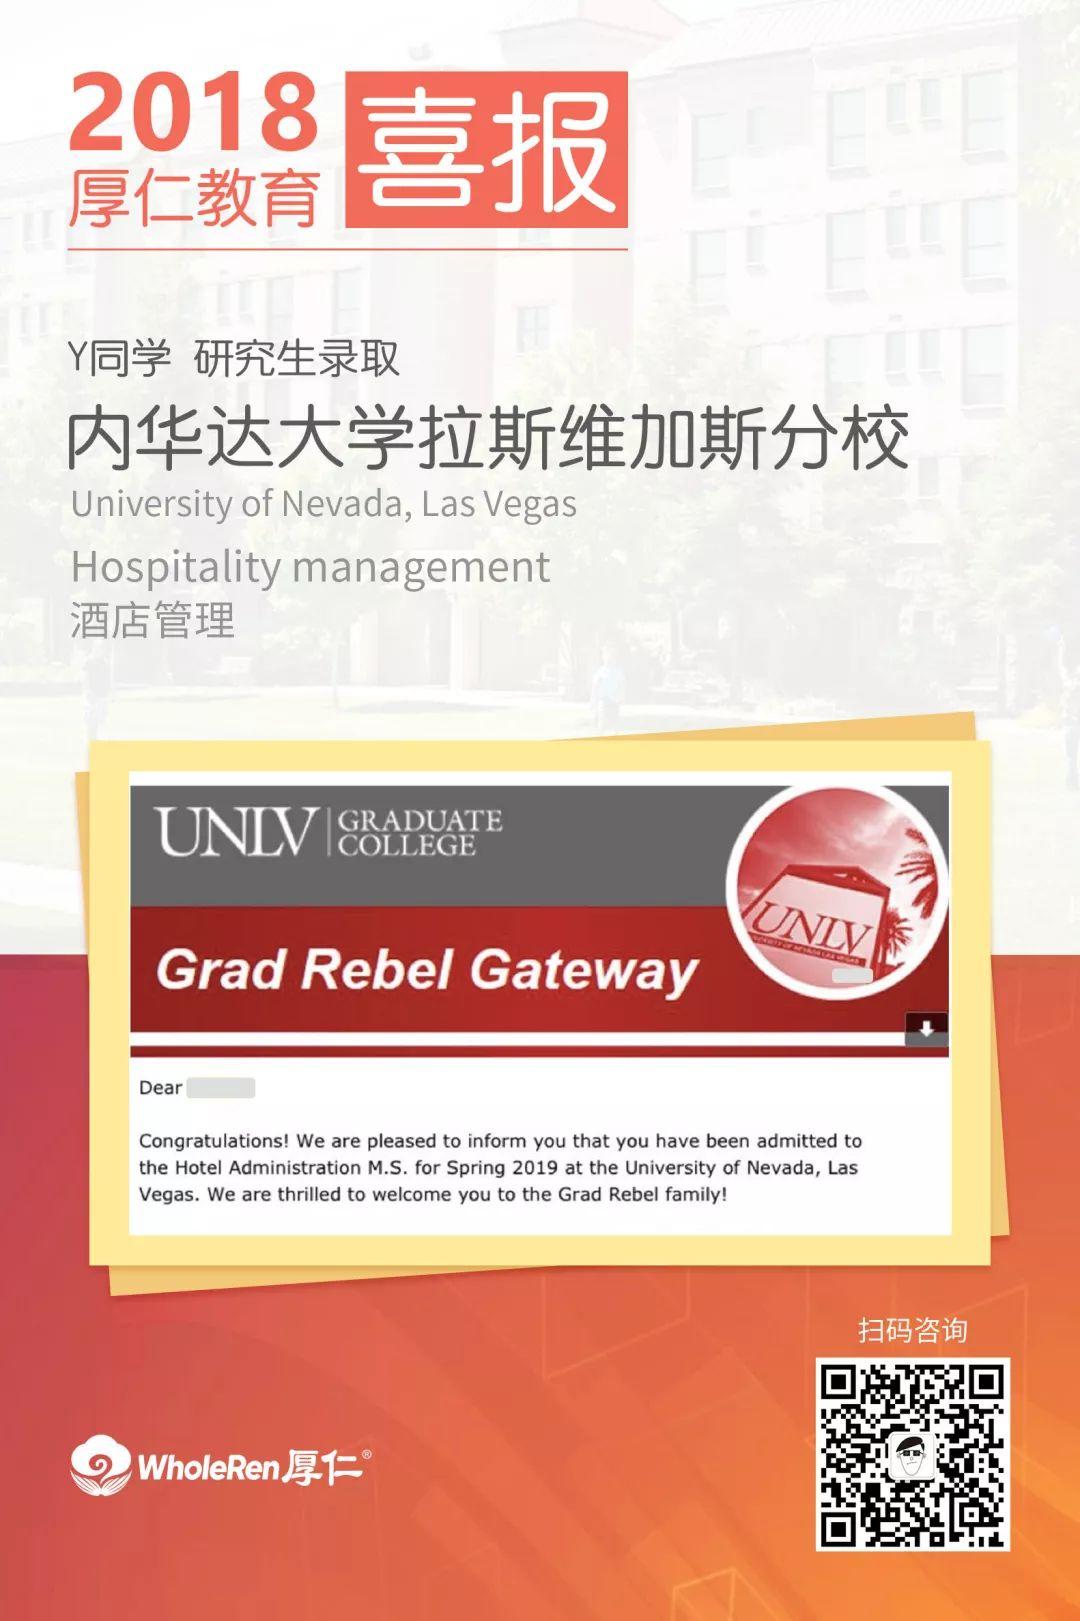 GPA仅3.1+,却被全球酒店管理专业排名第一学校录取?